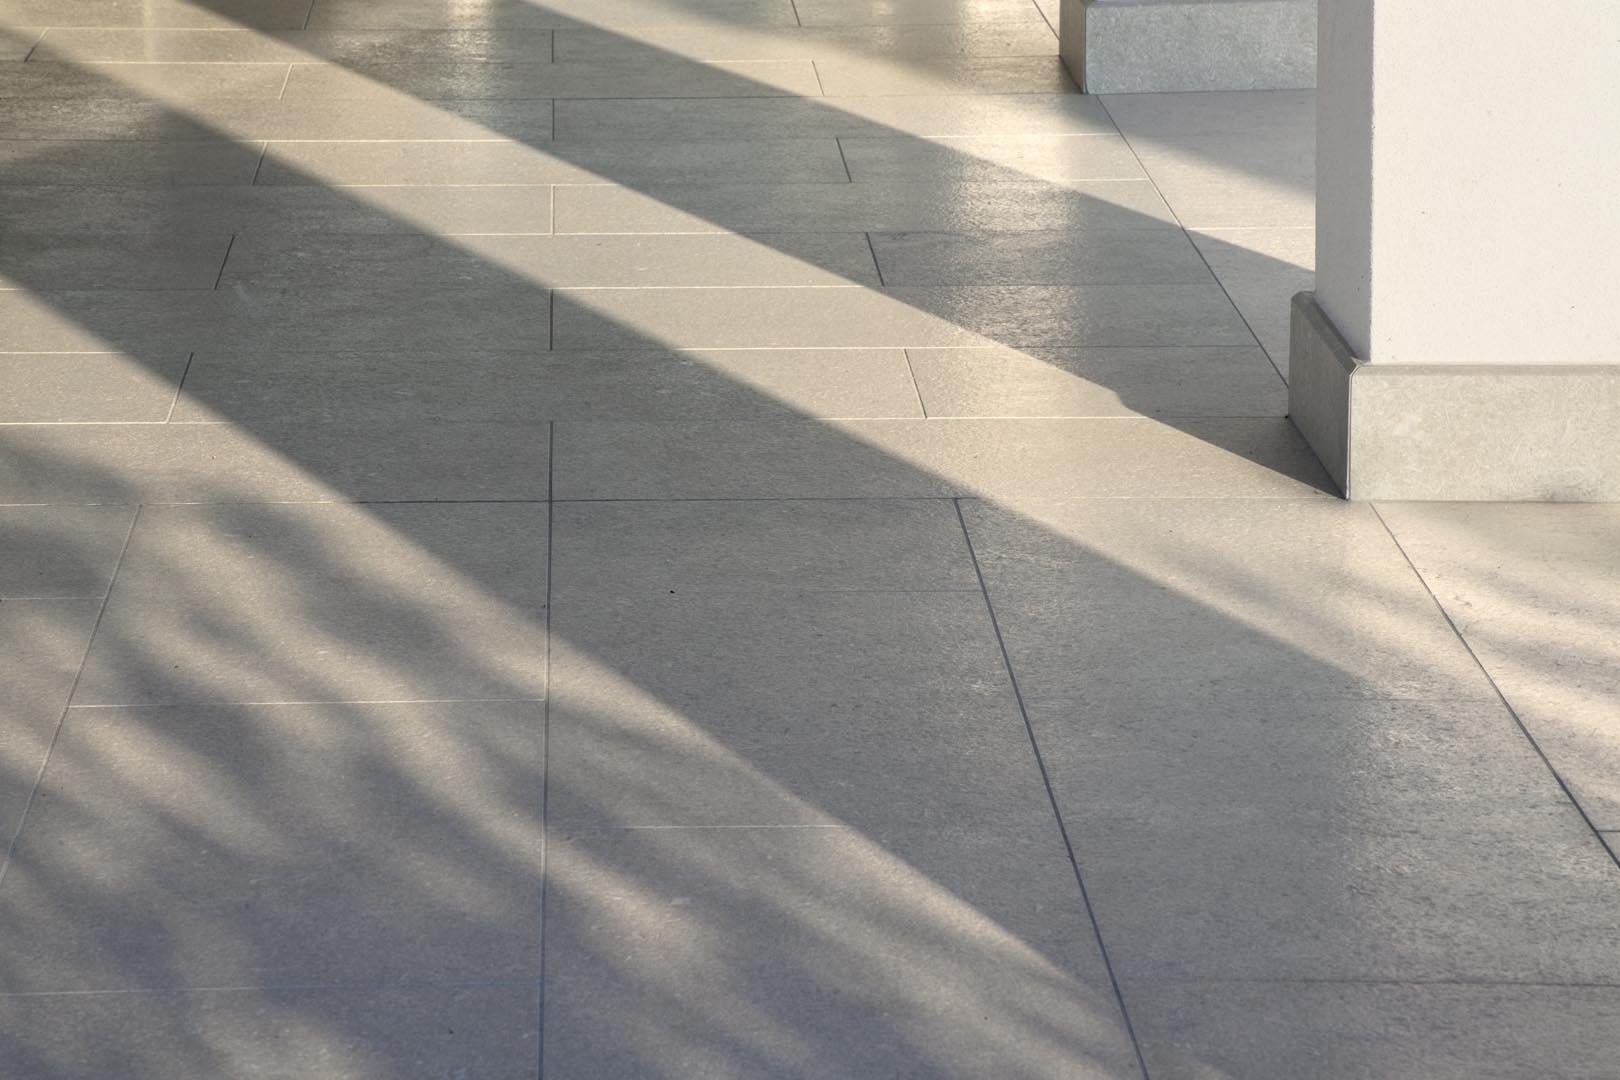 Dettaglio pavimento in Marmo Grigio Olivo in una villa